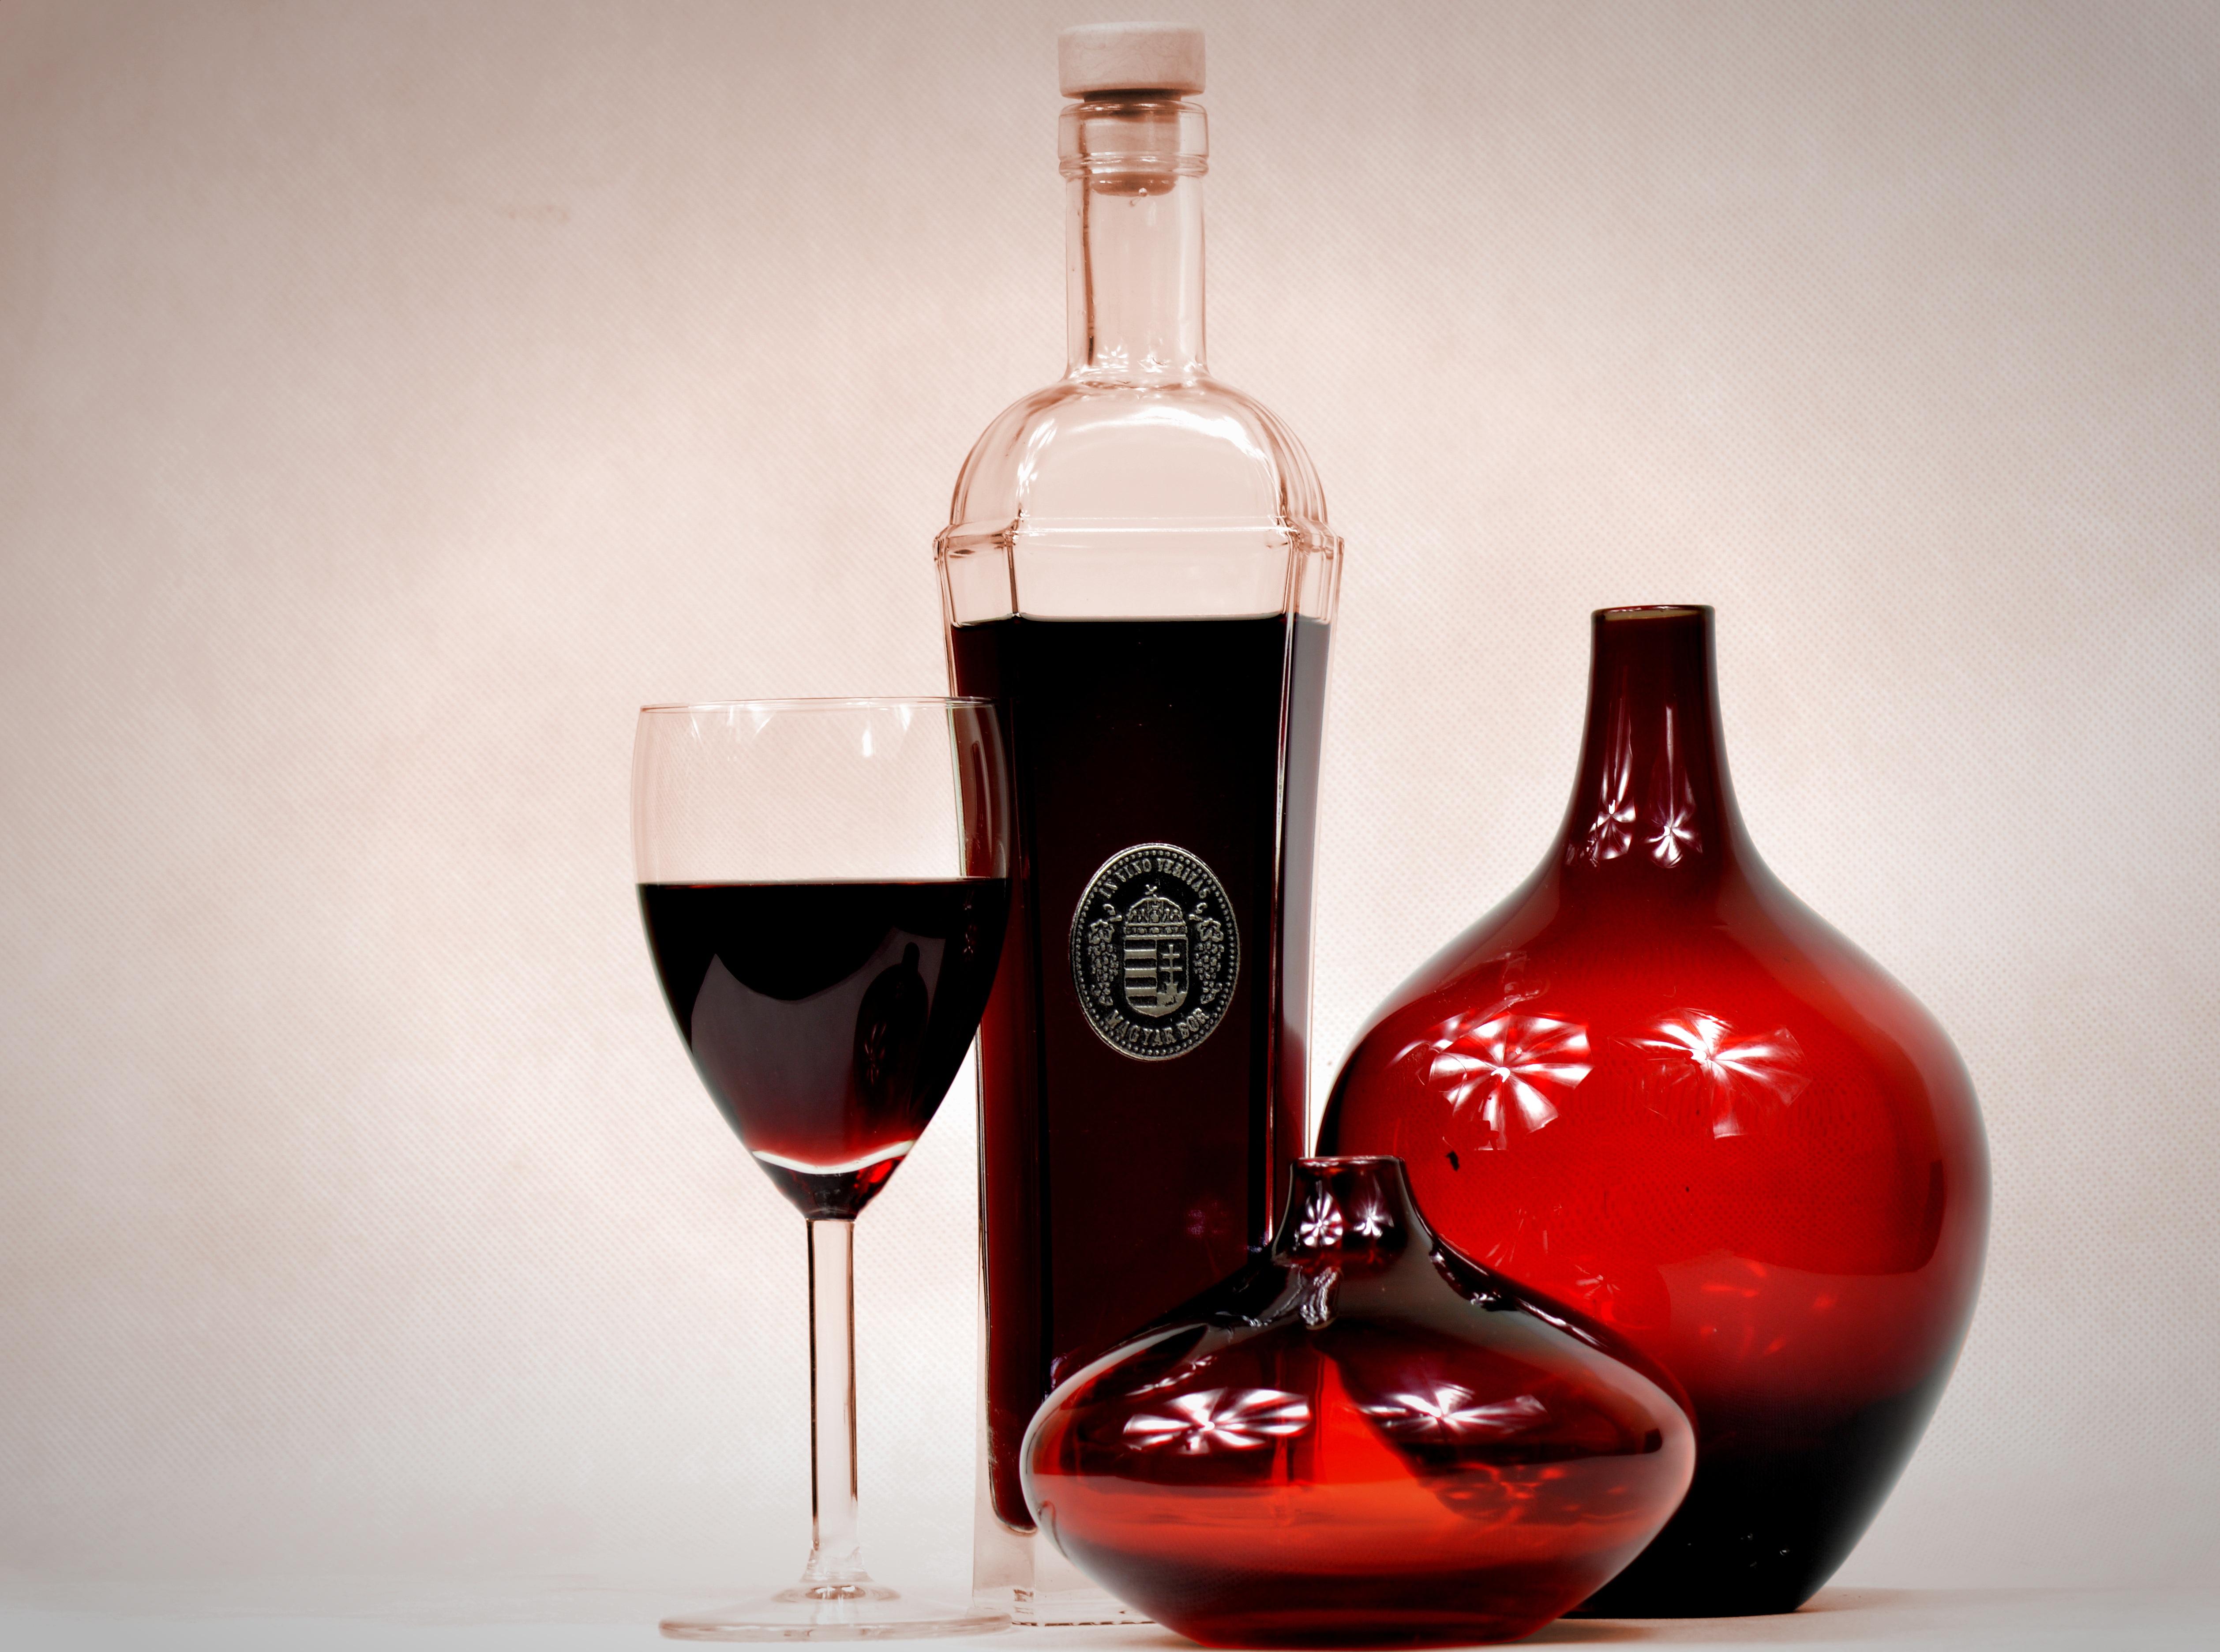 картинки вина в бутылке дома растения содержат себе